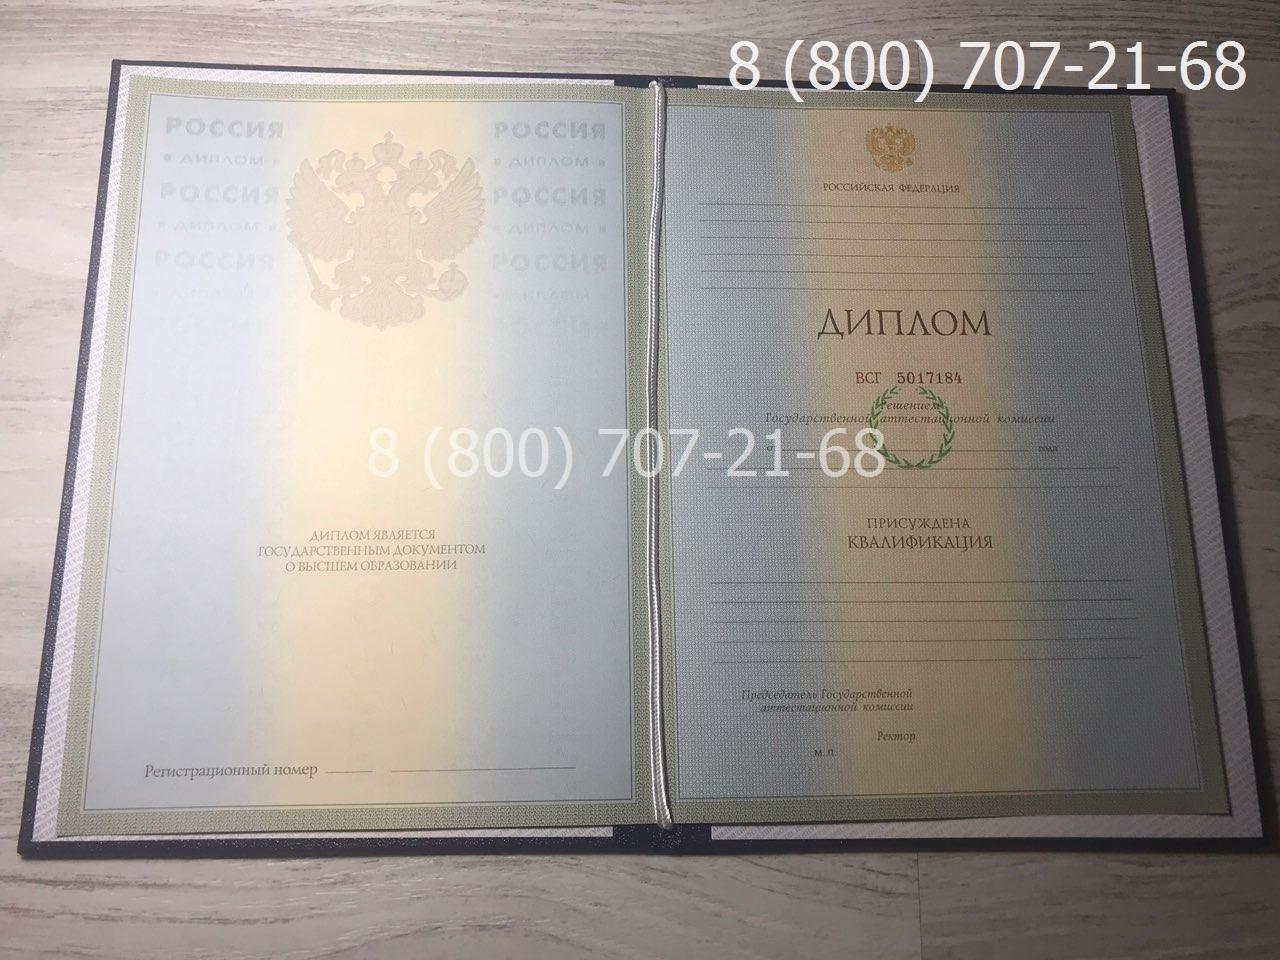 Диплом специалиста 2002-2008 года фото 1